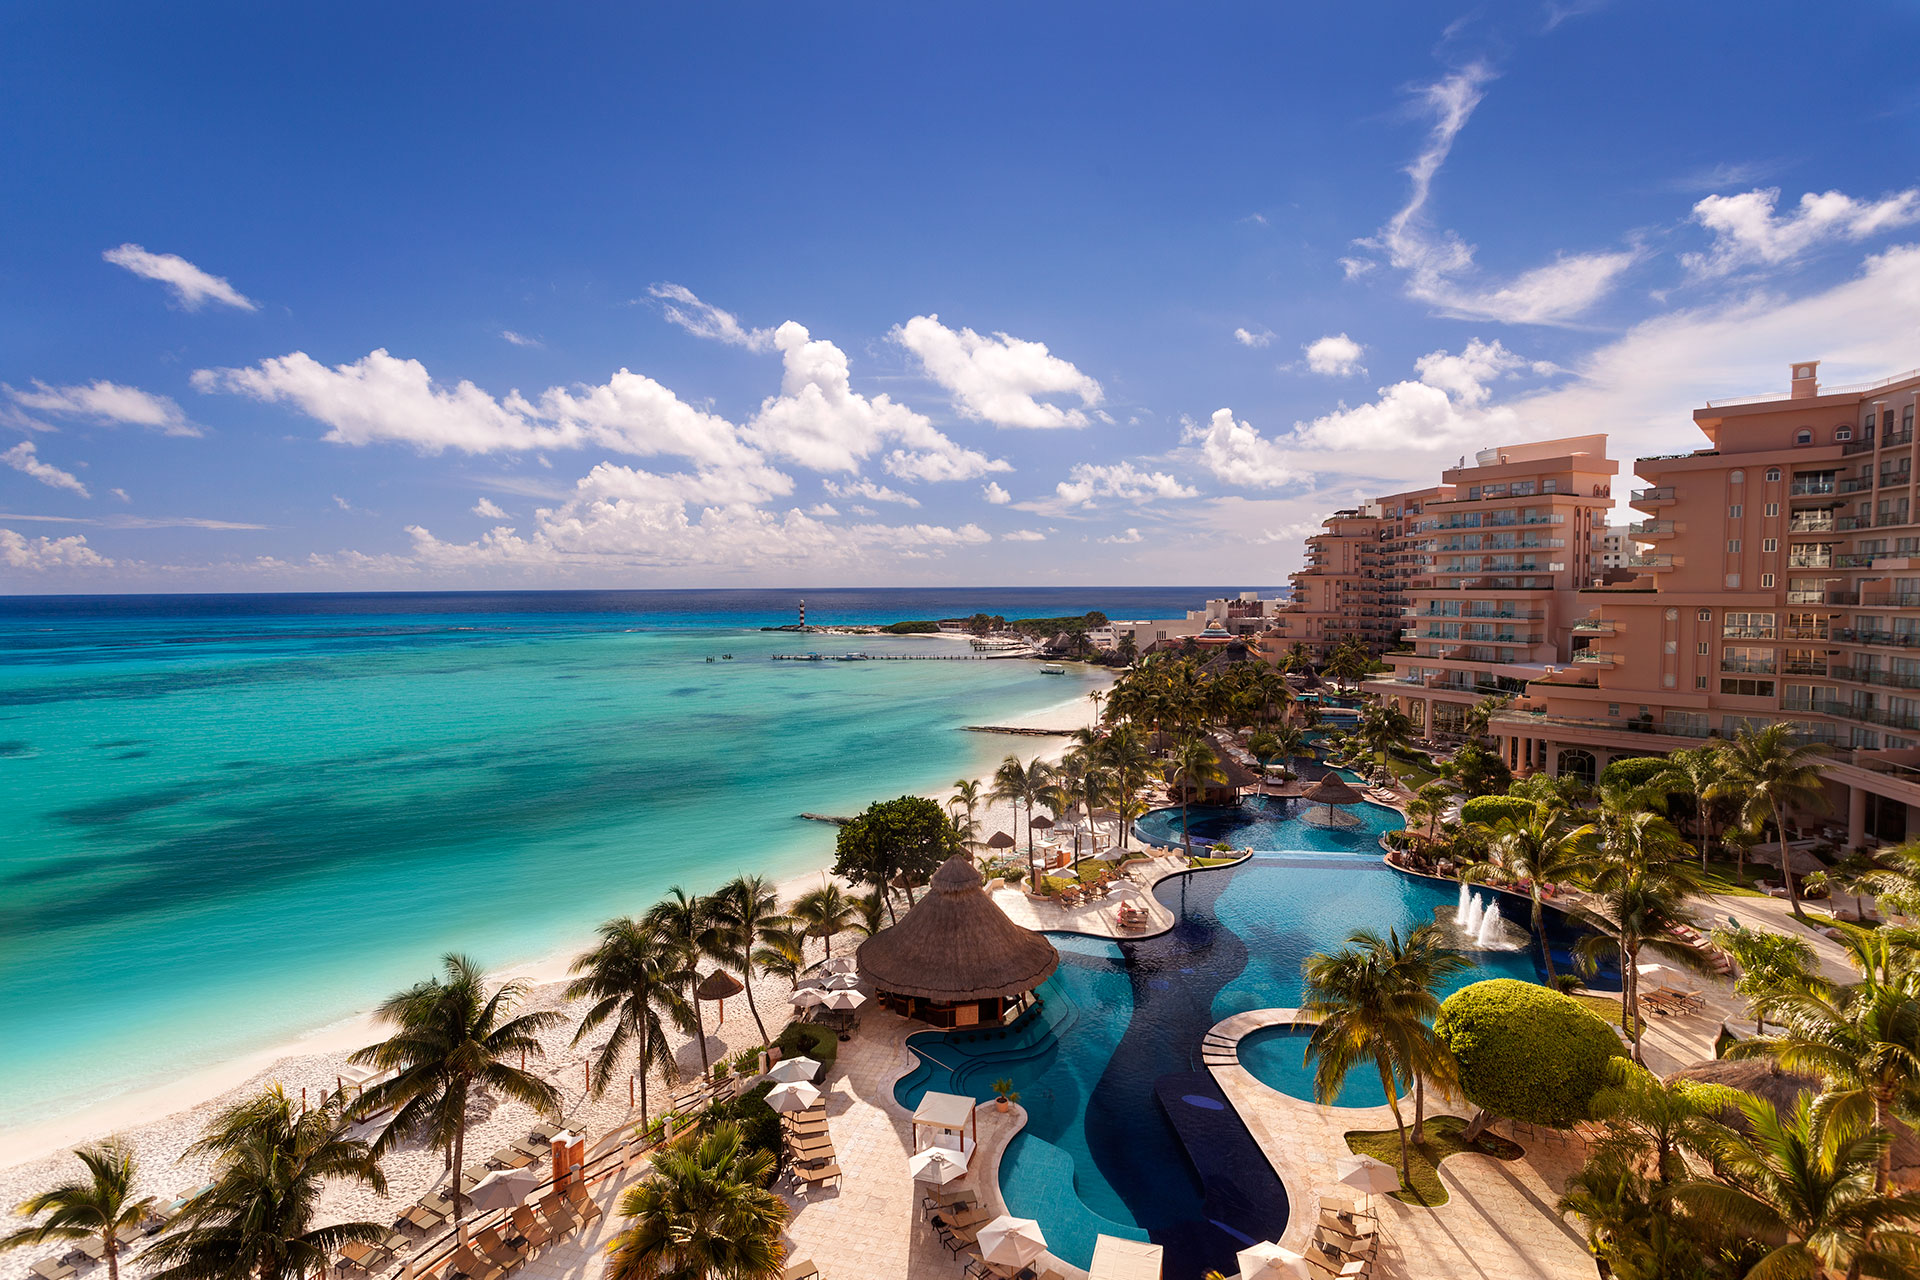 Grand Fiesta American Coral Beach Cancun Resort & Spa